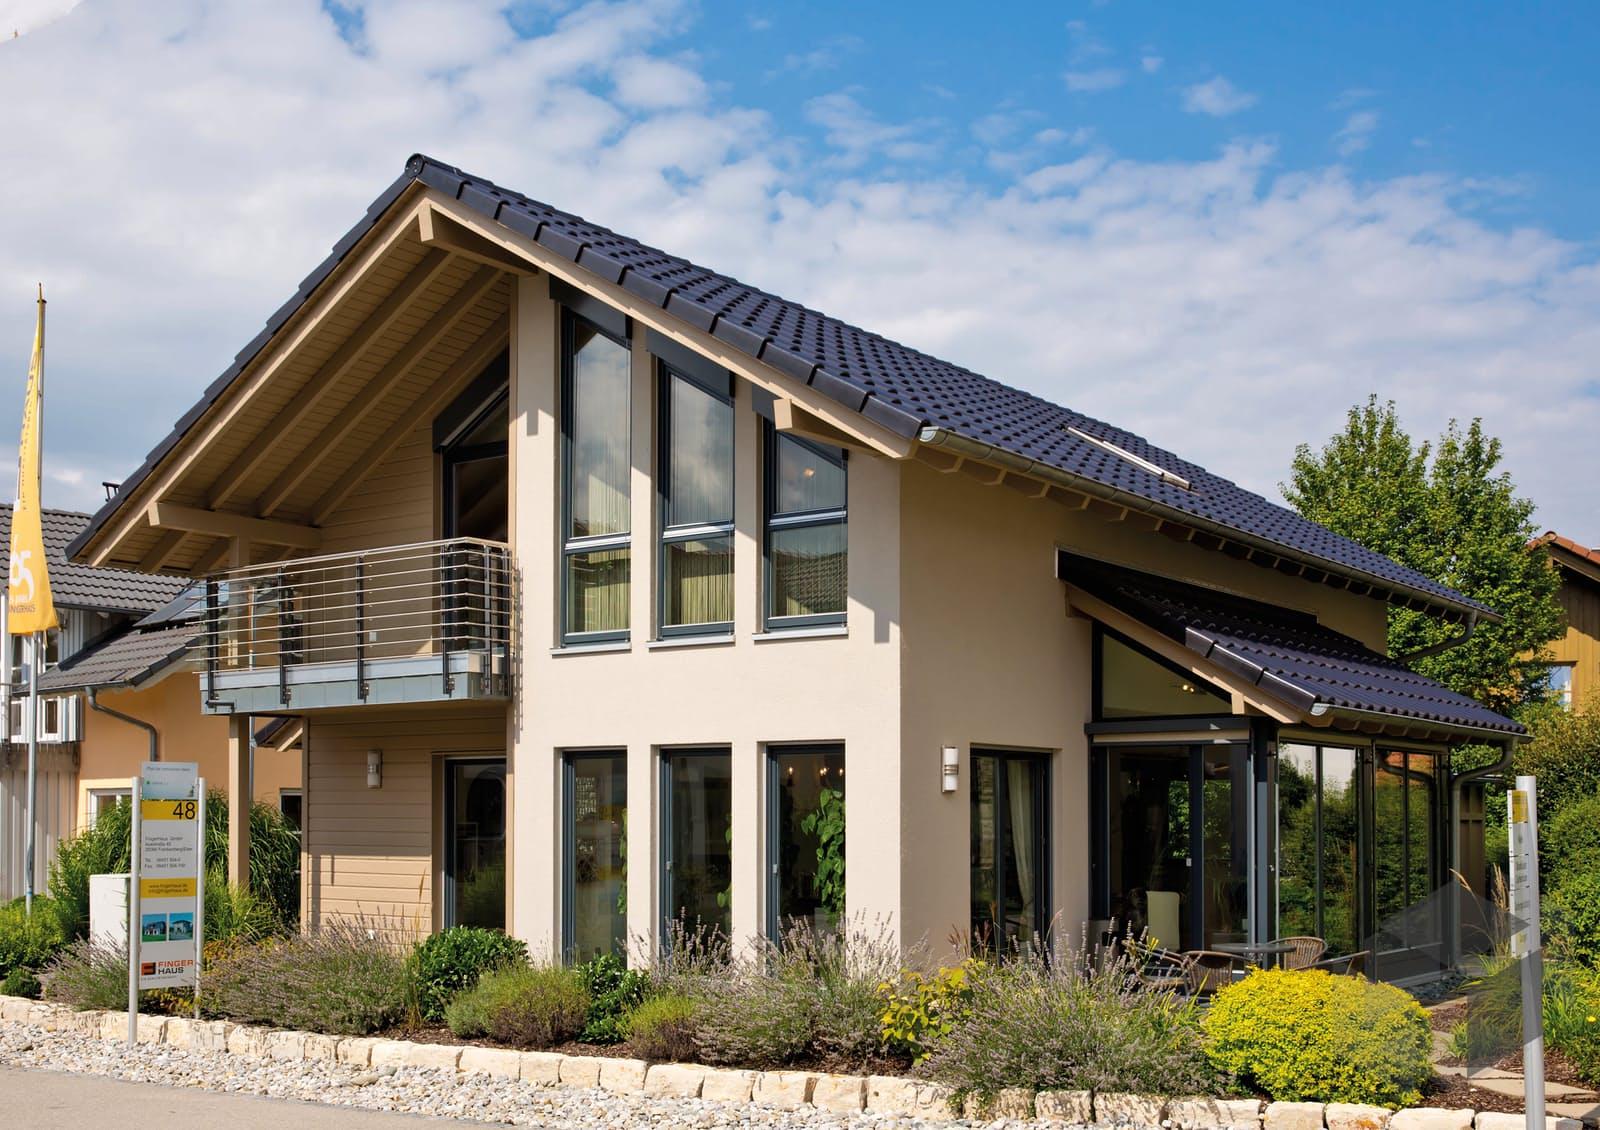 fino 320 b musterhaus m nchen poing von fingerhaus komplette daten bersicht. Black Bedroom Furniture Sets. Home Design Ideas